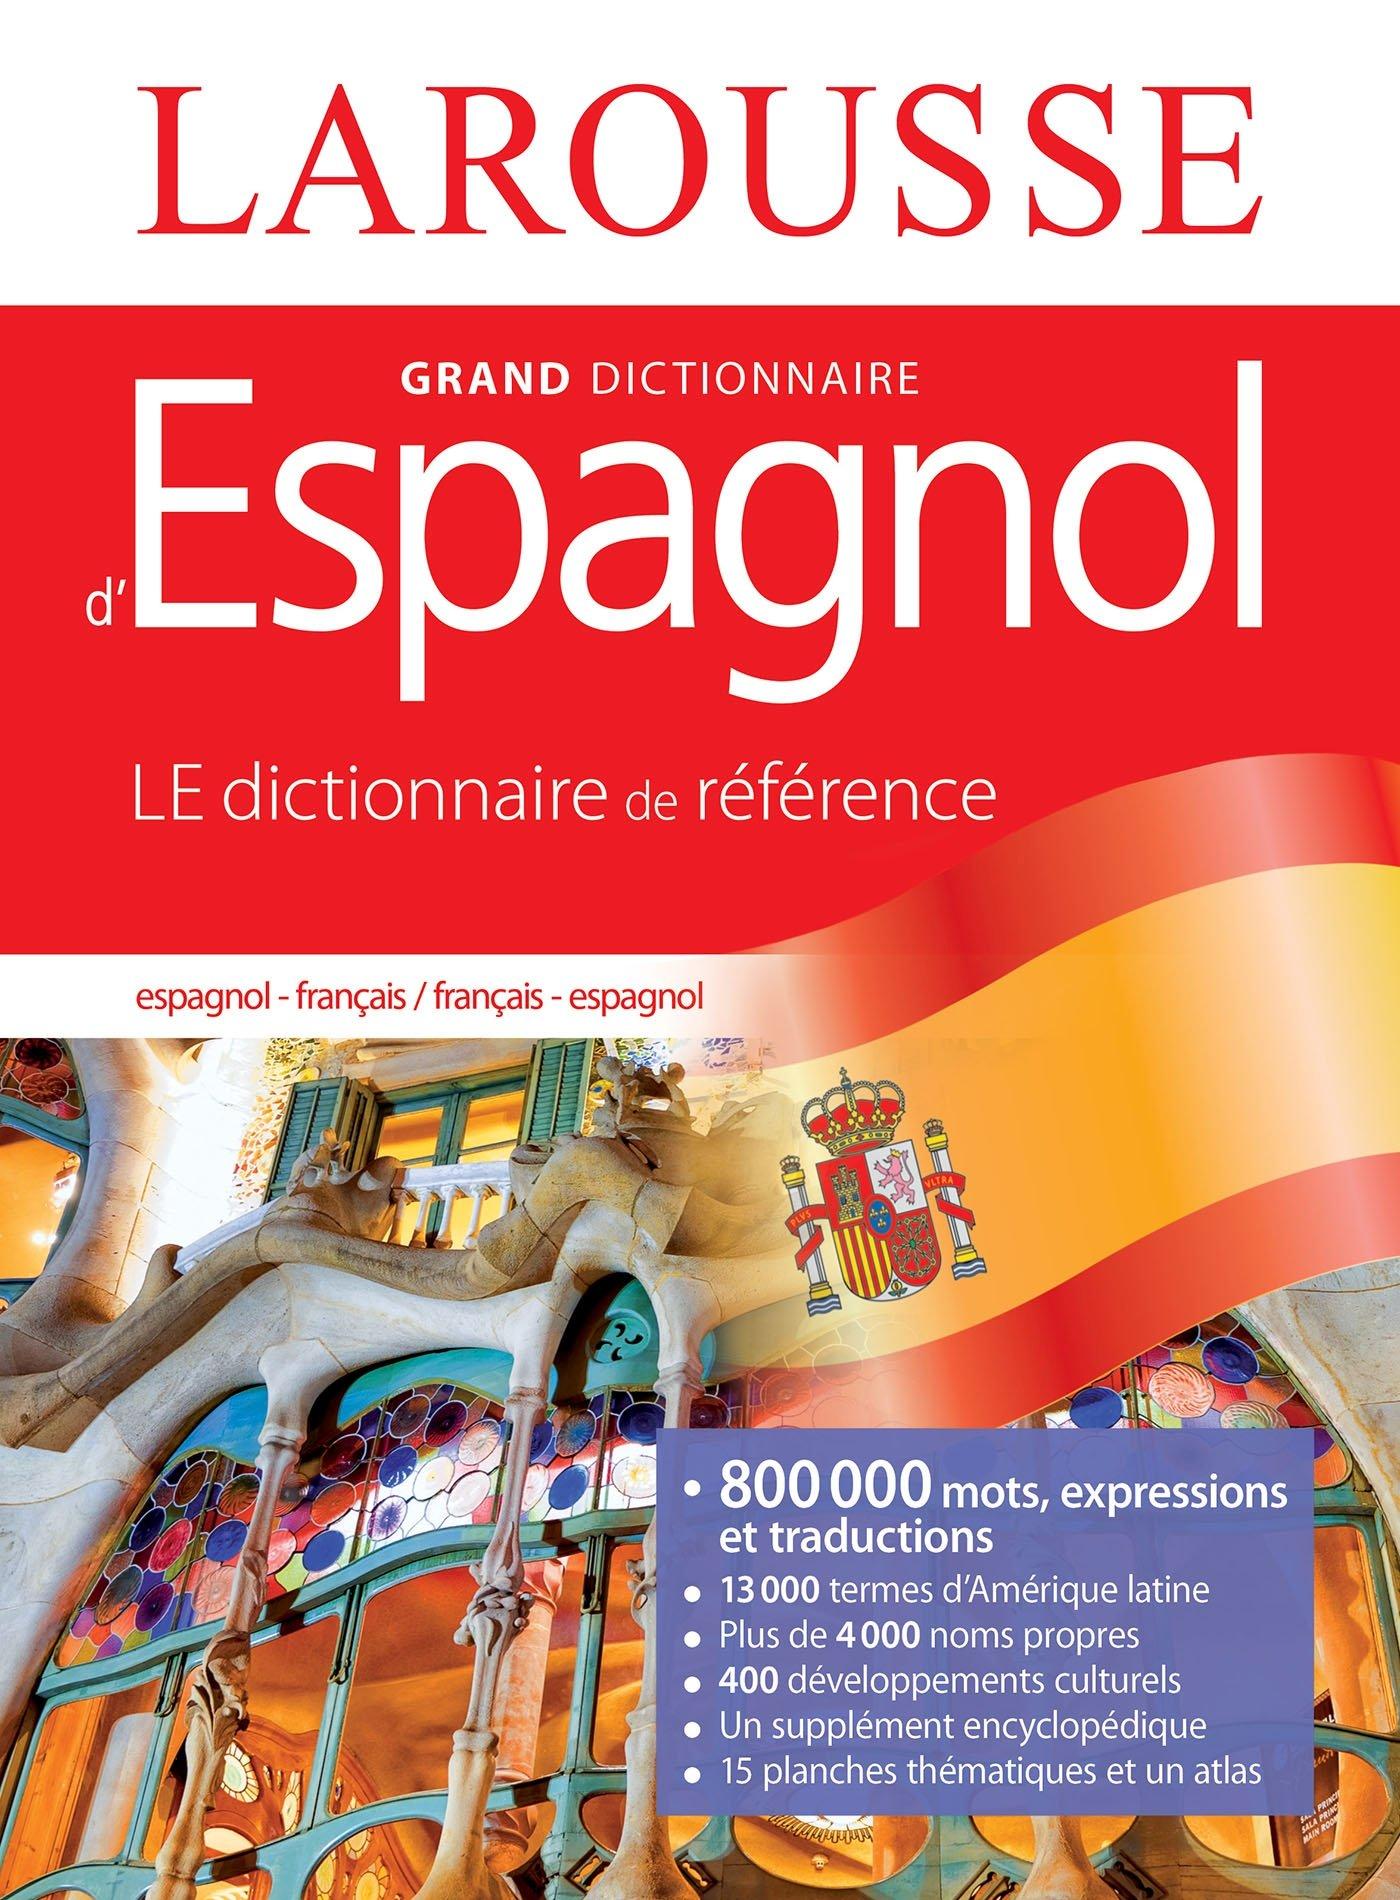 Grand Dictionnaire Français Espagnol Amazon Co Uk